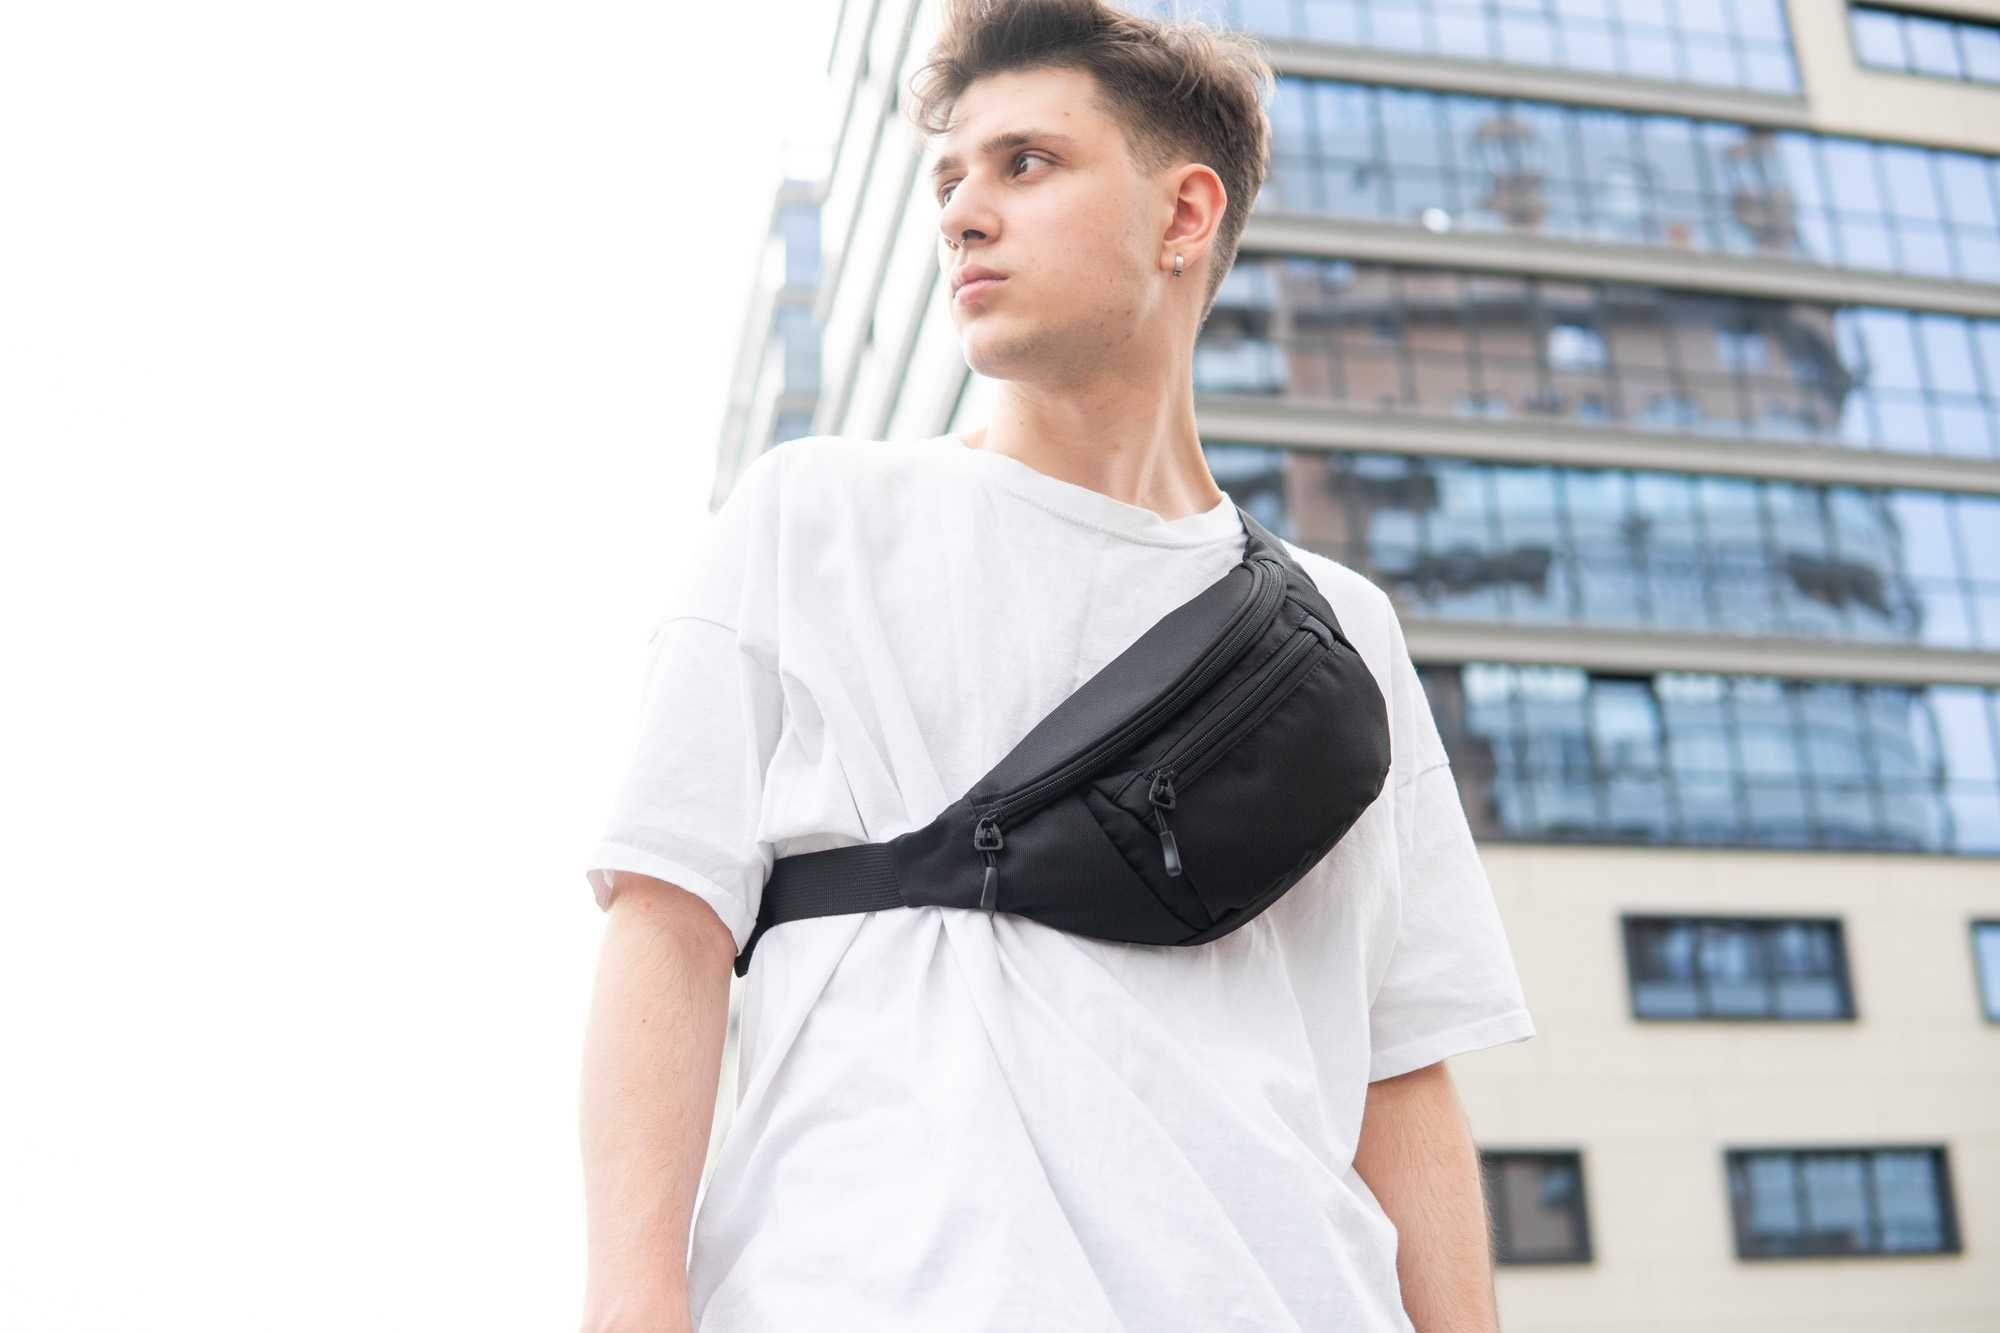 Большая сумка на пояс BIG PIT на грудь через плечо бананка барыжка